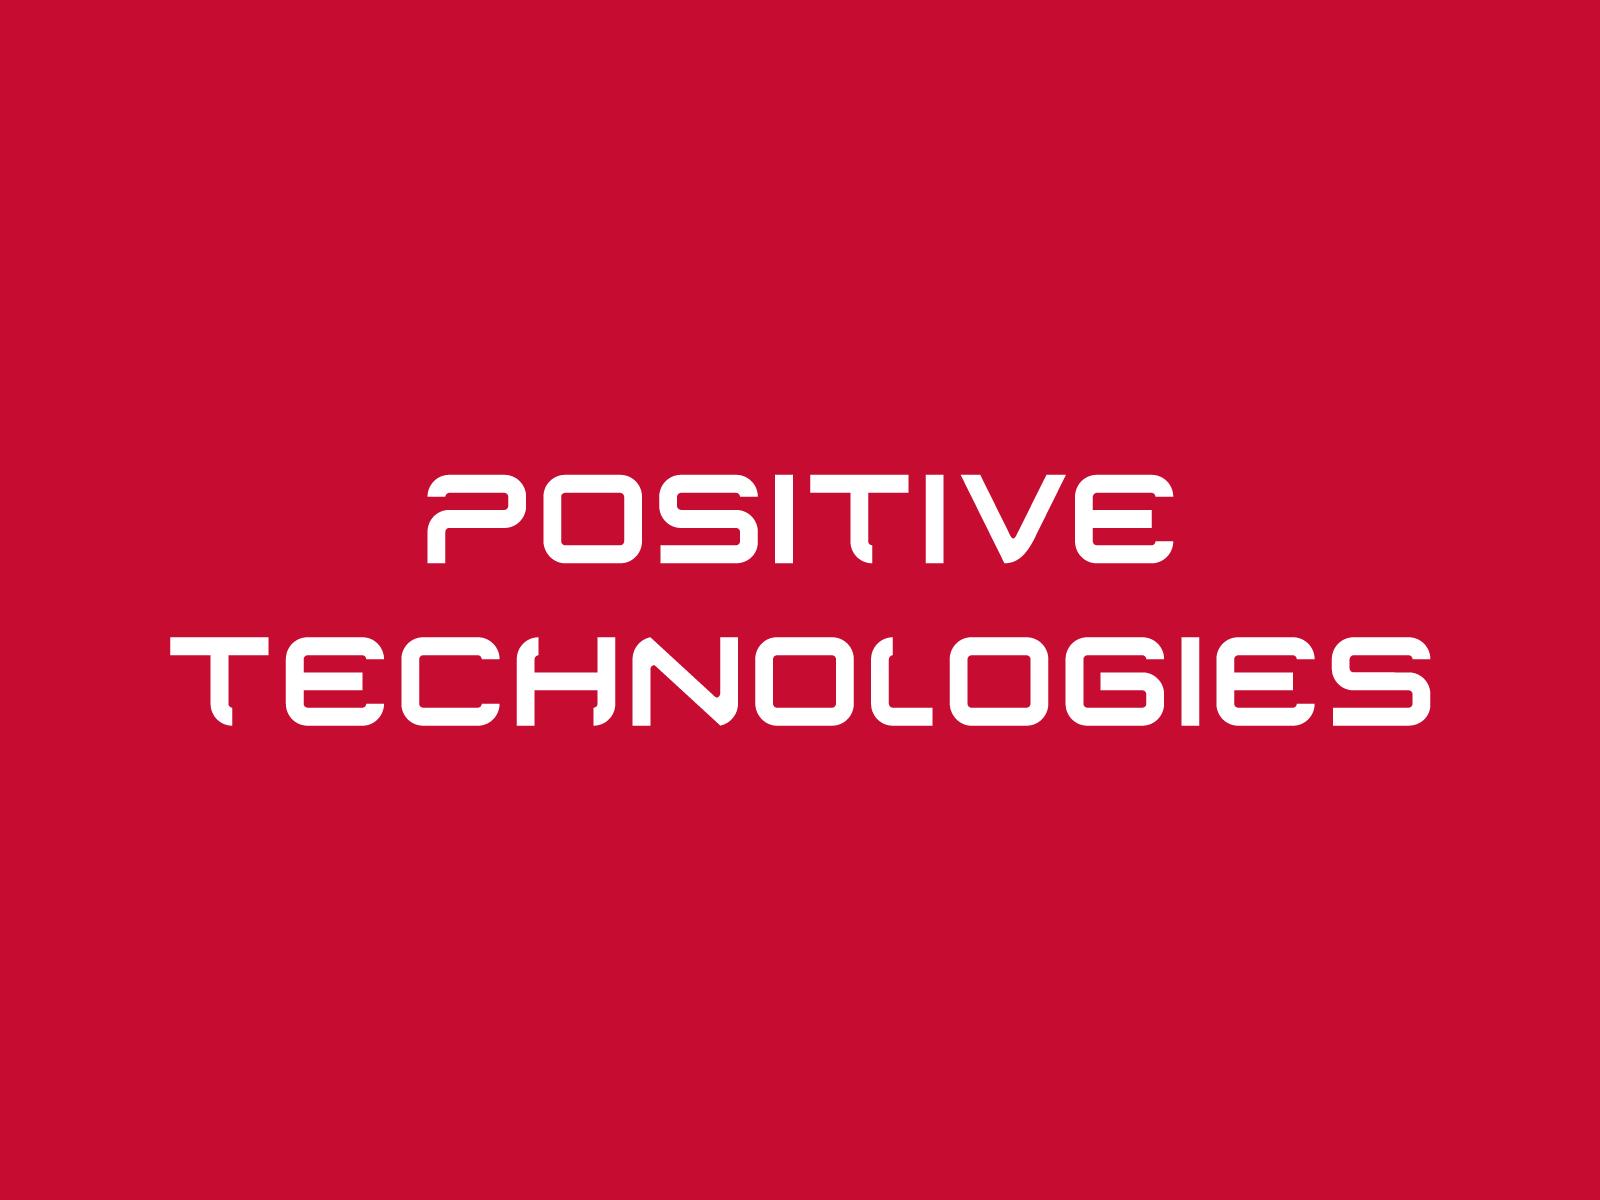 Positive Technologies опубликовала открытое письмо исследовательскому сообществу